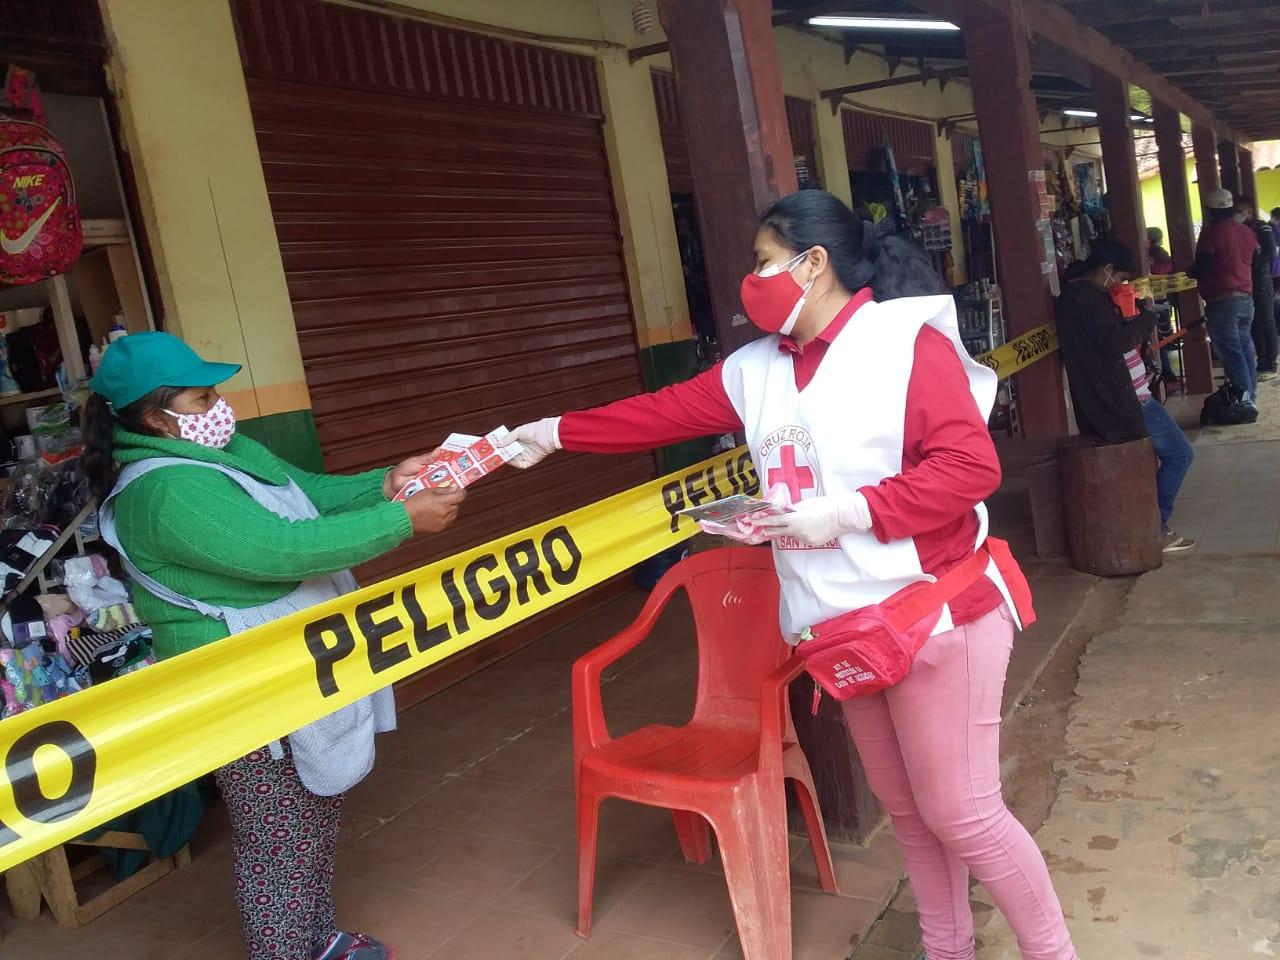 Une bénévole de la Croix-Rouge sensibilise une marchande aux règles de distanciation et d'hygiène. © Croix-Rouge bolivienne